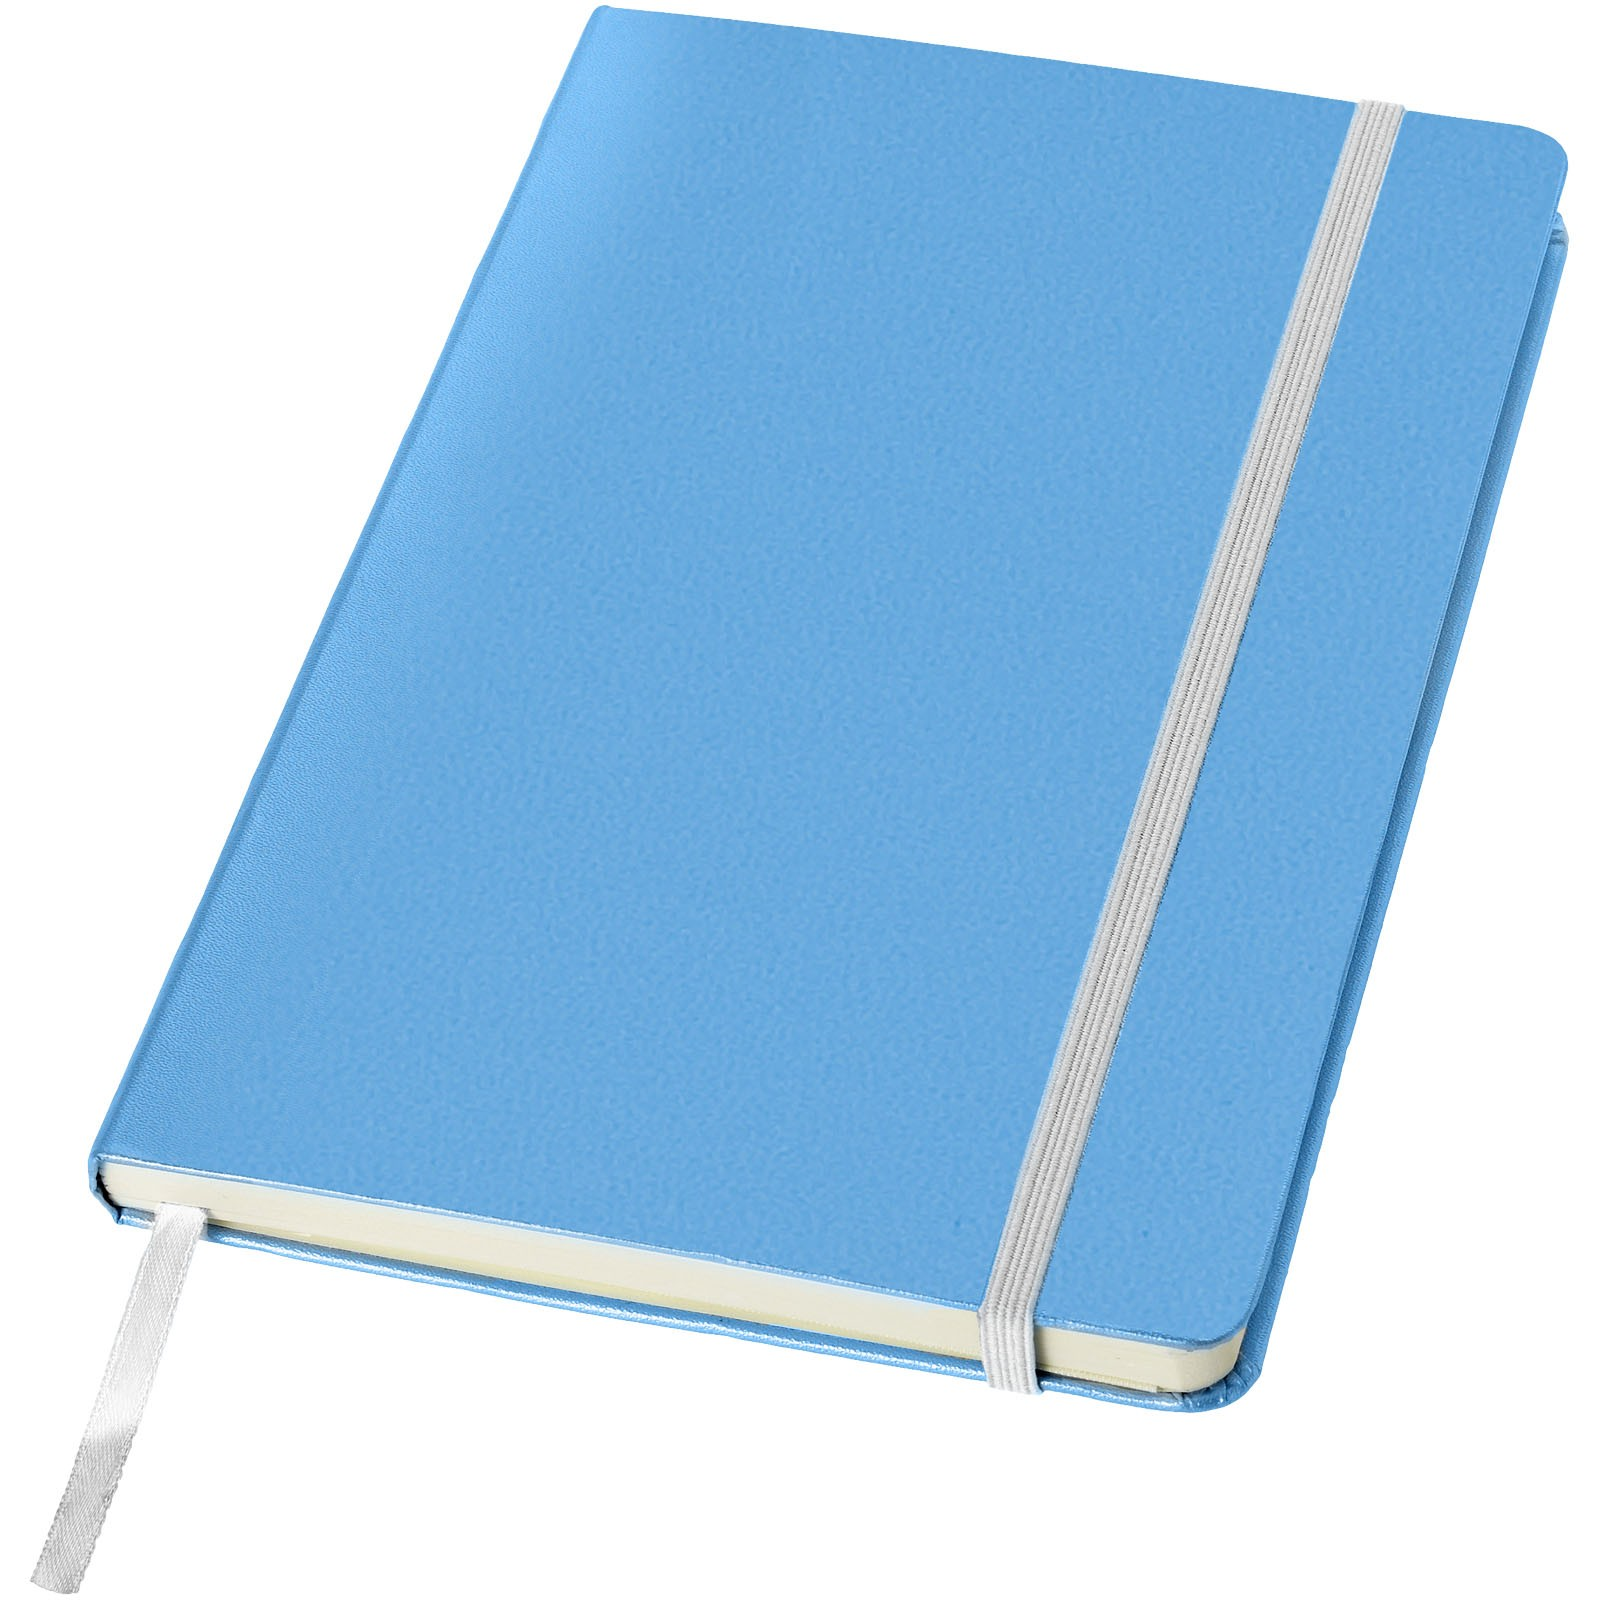 Poznámkový blok Classic A5 s pevnou obálkou - Světle modrá